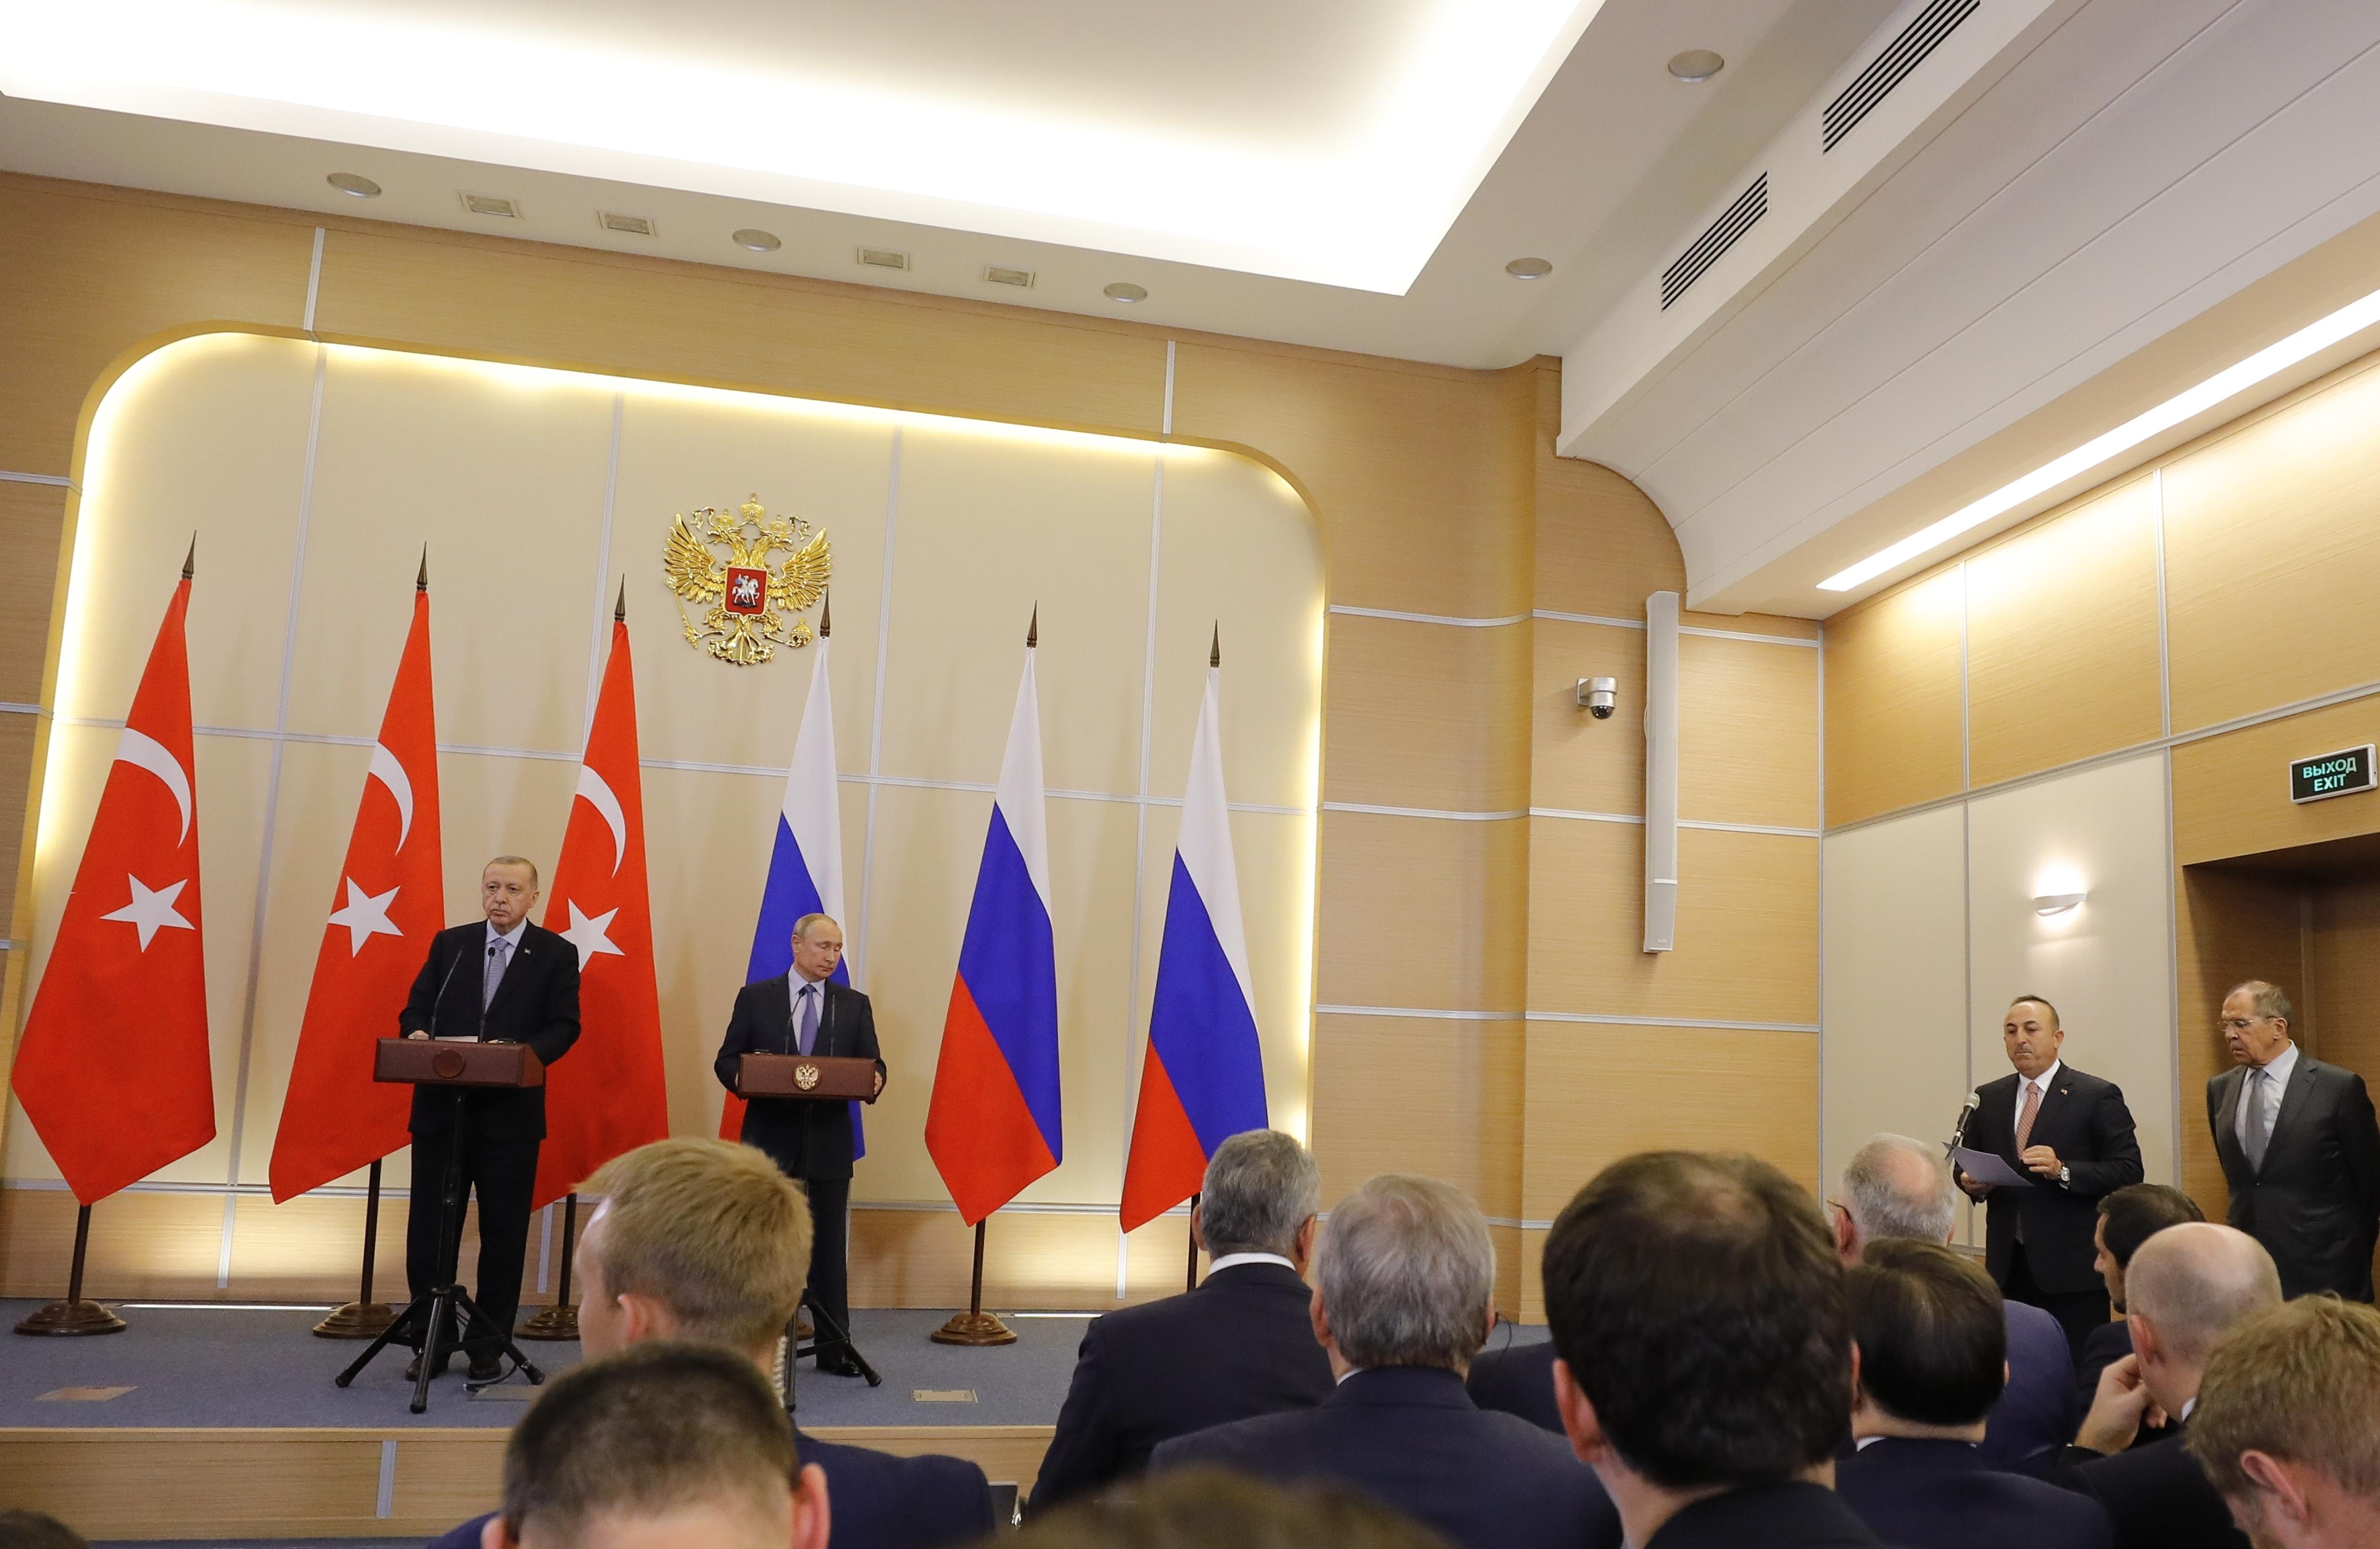 İşte 10 maddelik Türkiye-Rusya anlaşması… 5'inci maddeye dikkat!